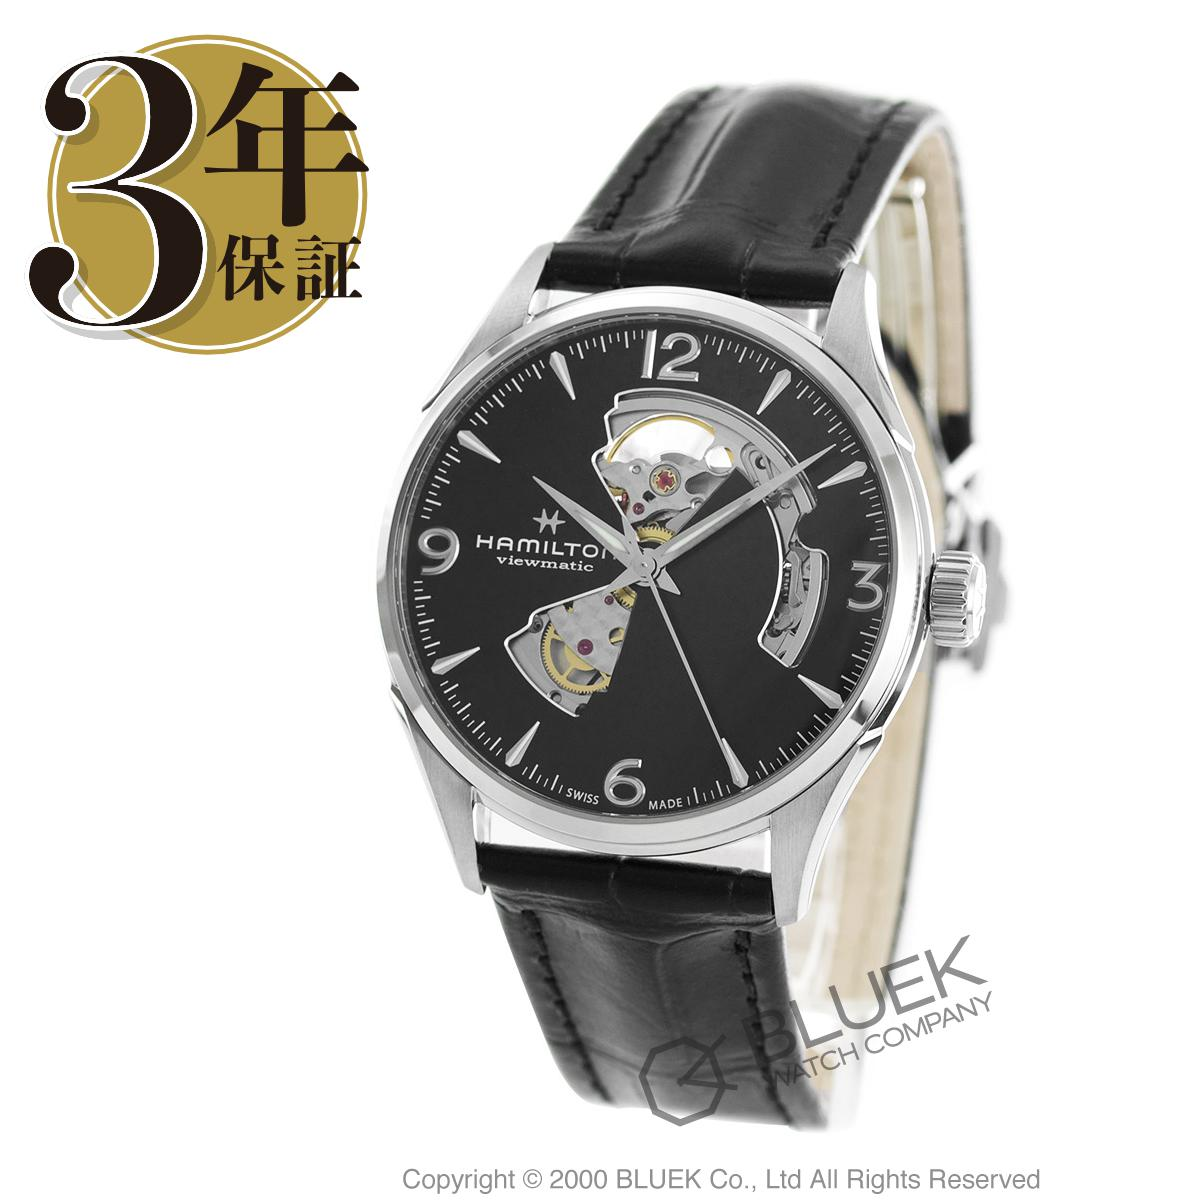 ジャズマスター 【1,000円OFFクーポン対象】ハミルトン ビューマチック オープンハート 腕時計 H32705731_8 HAMILTON メンズ